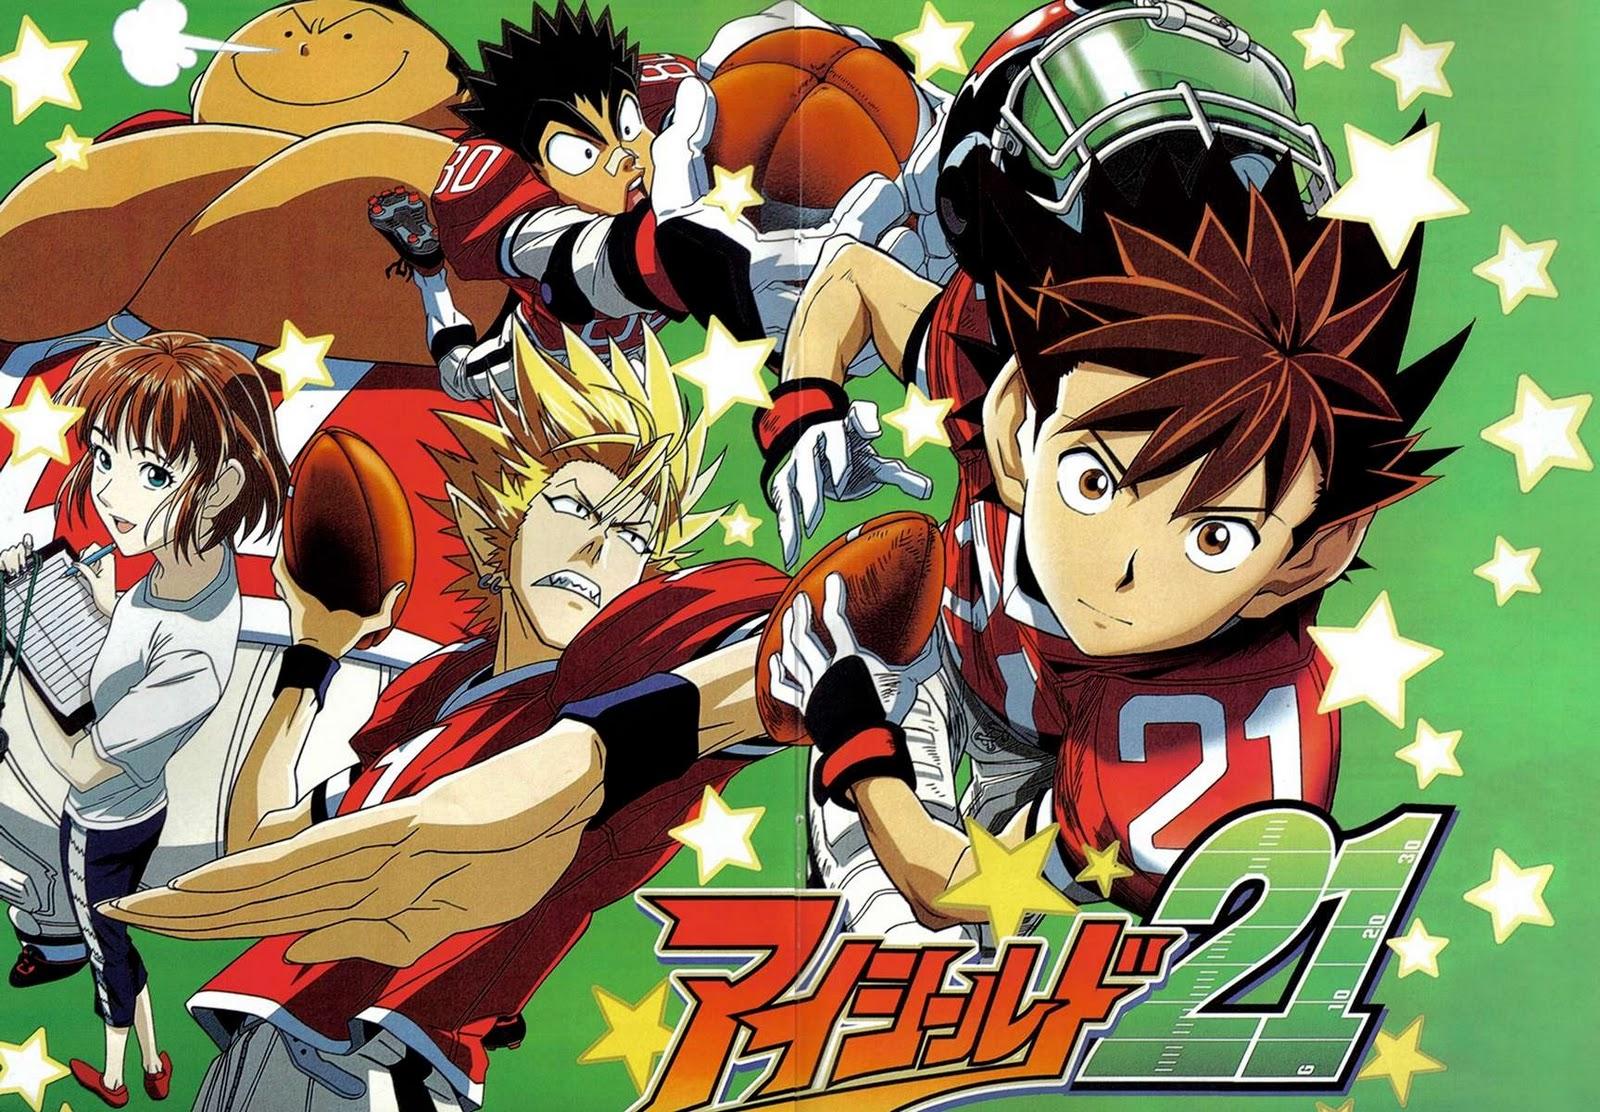 Kết quả hình ảnh cho Eyeshield 21 anime